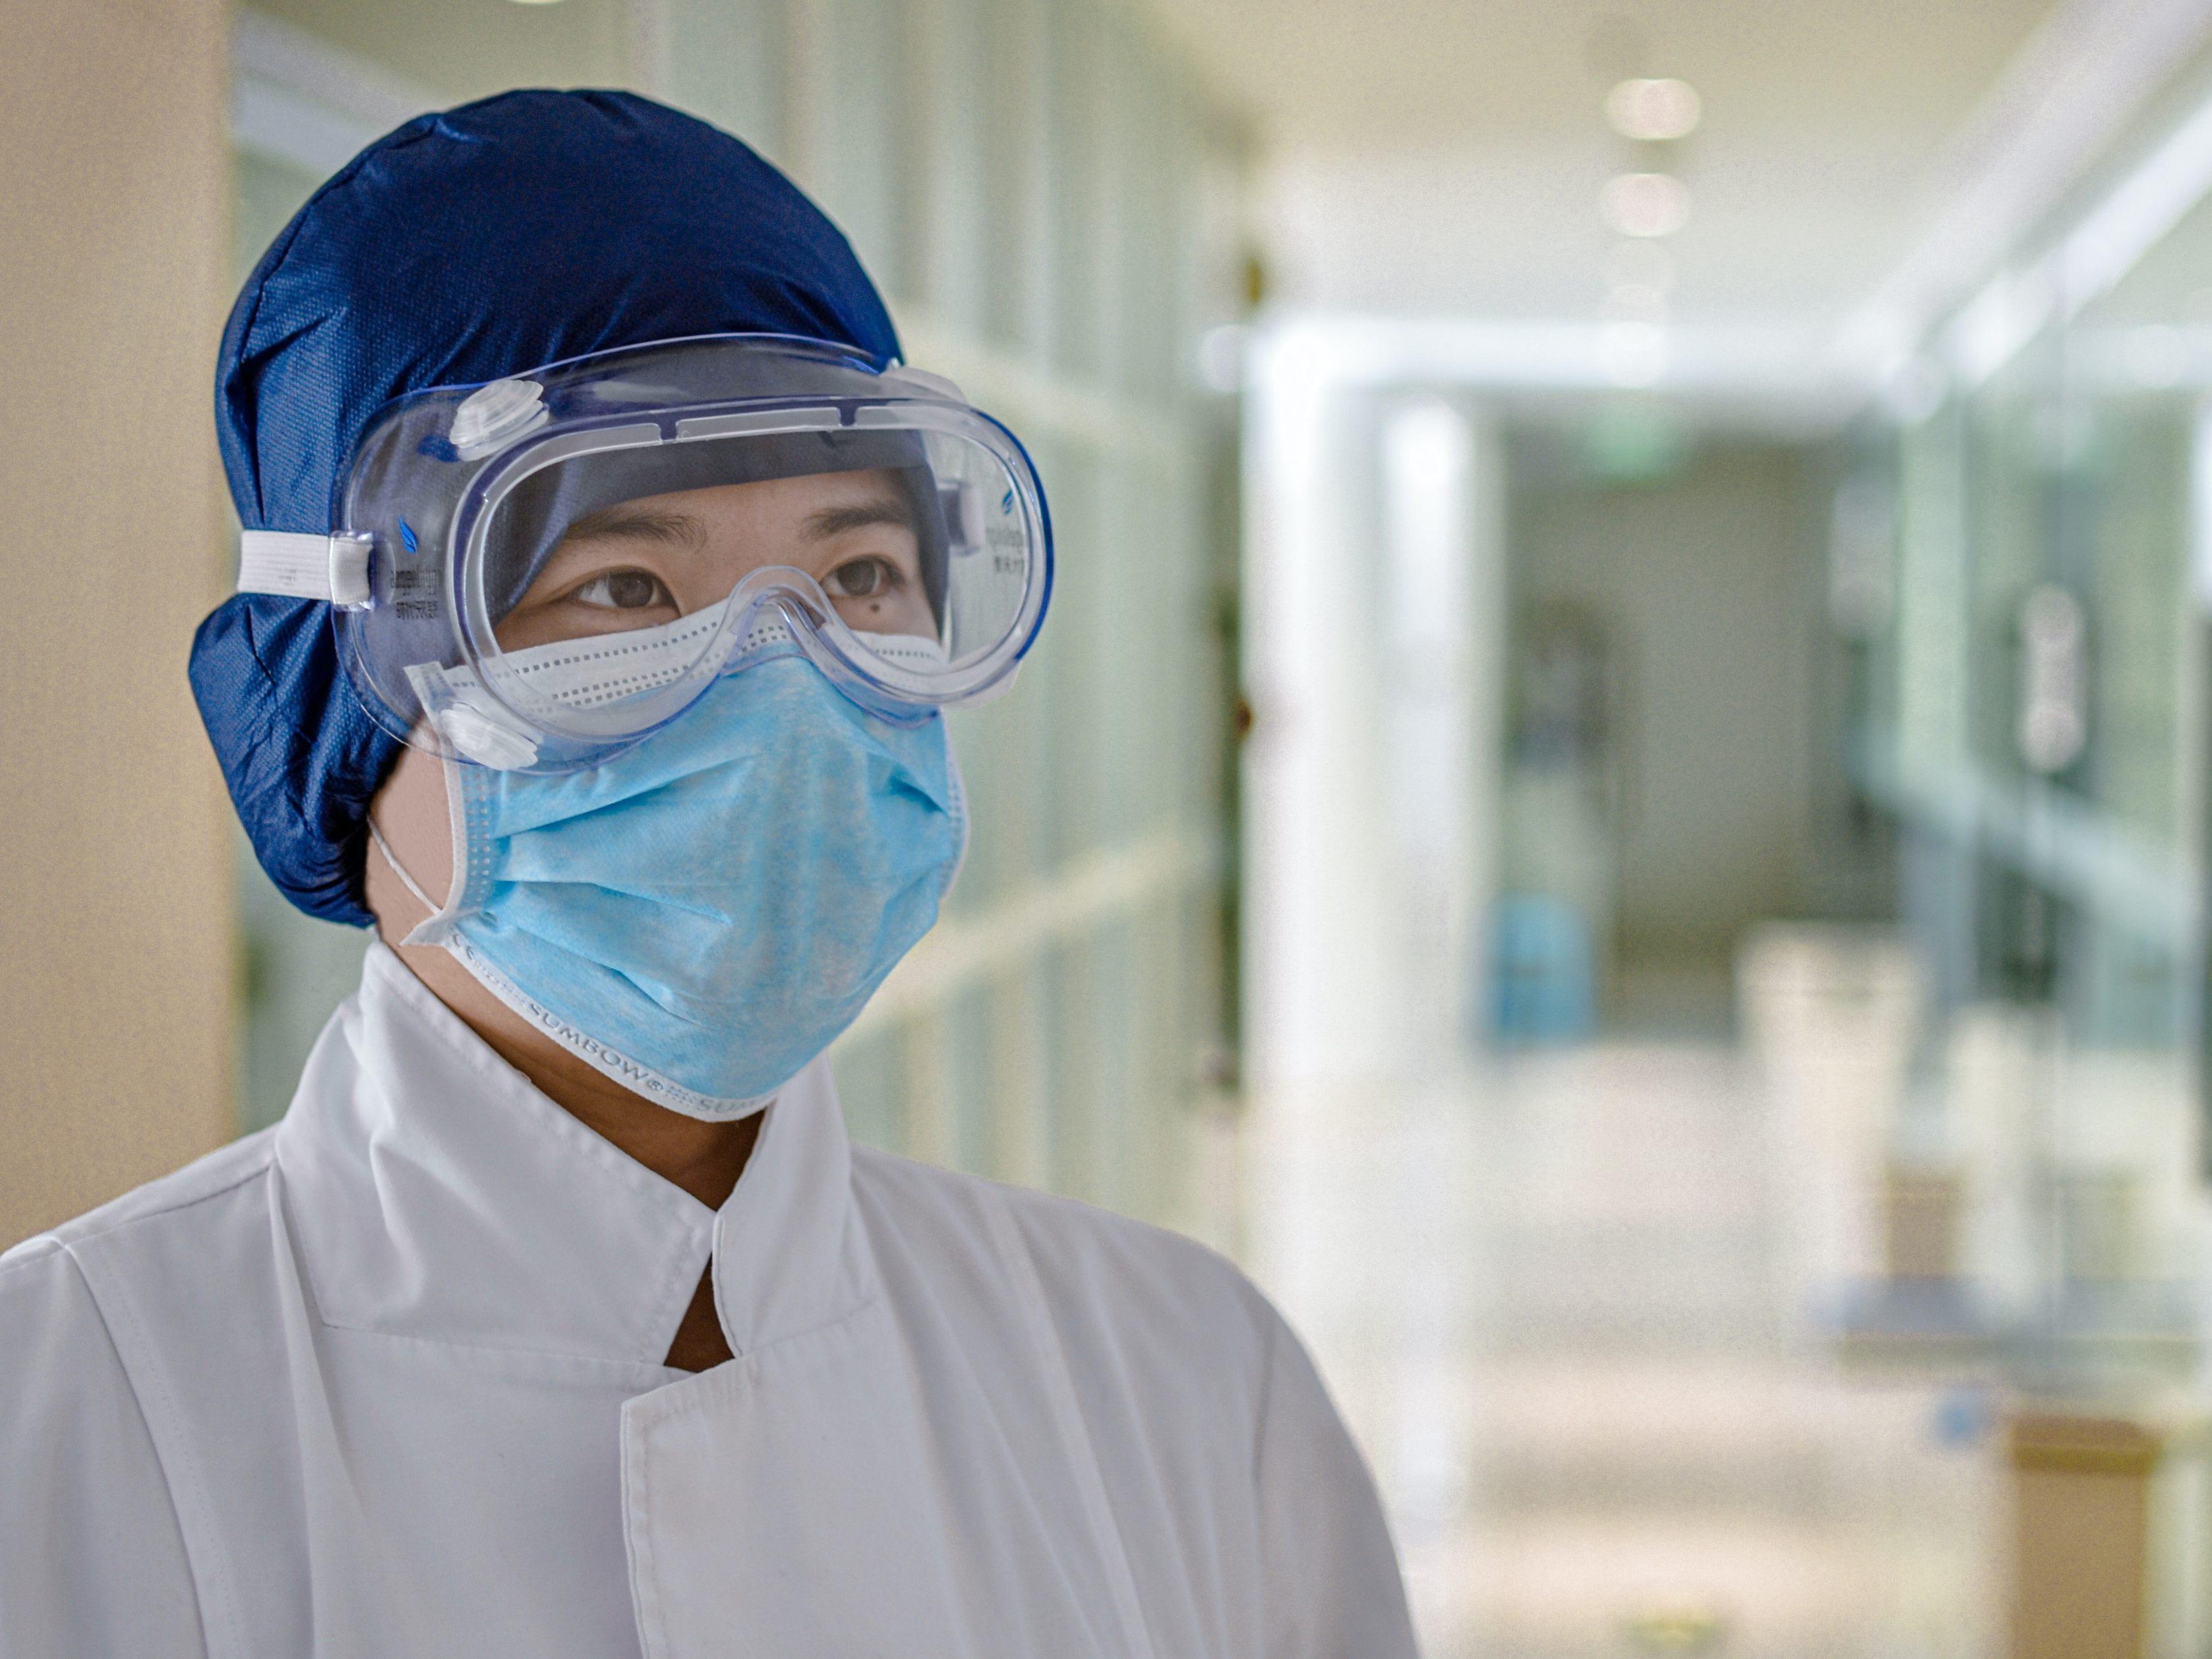 Coronavirus: Nach Fall in Hongkong - auch zwei Europäer erkranken erneut